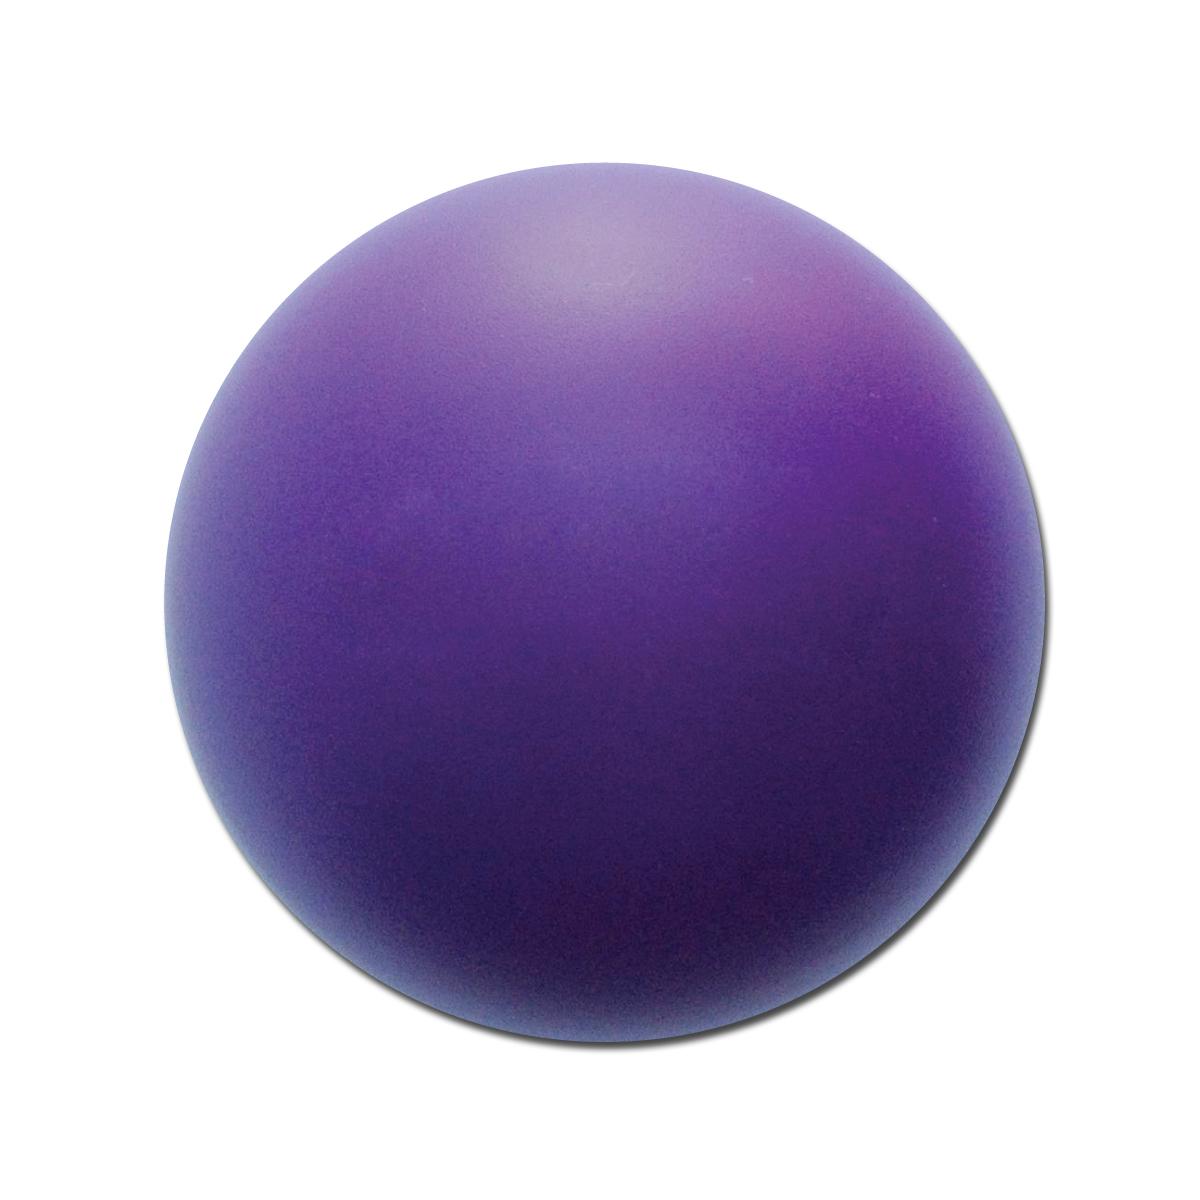 כדור לחץ עגול במגוון צבעים